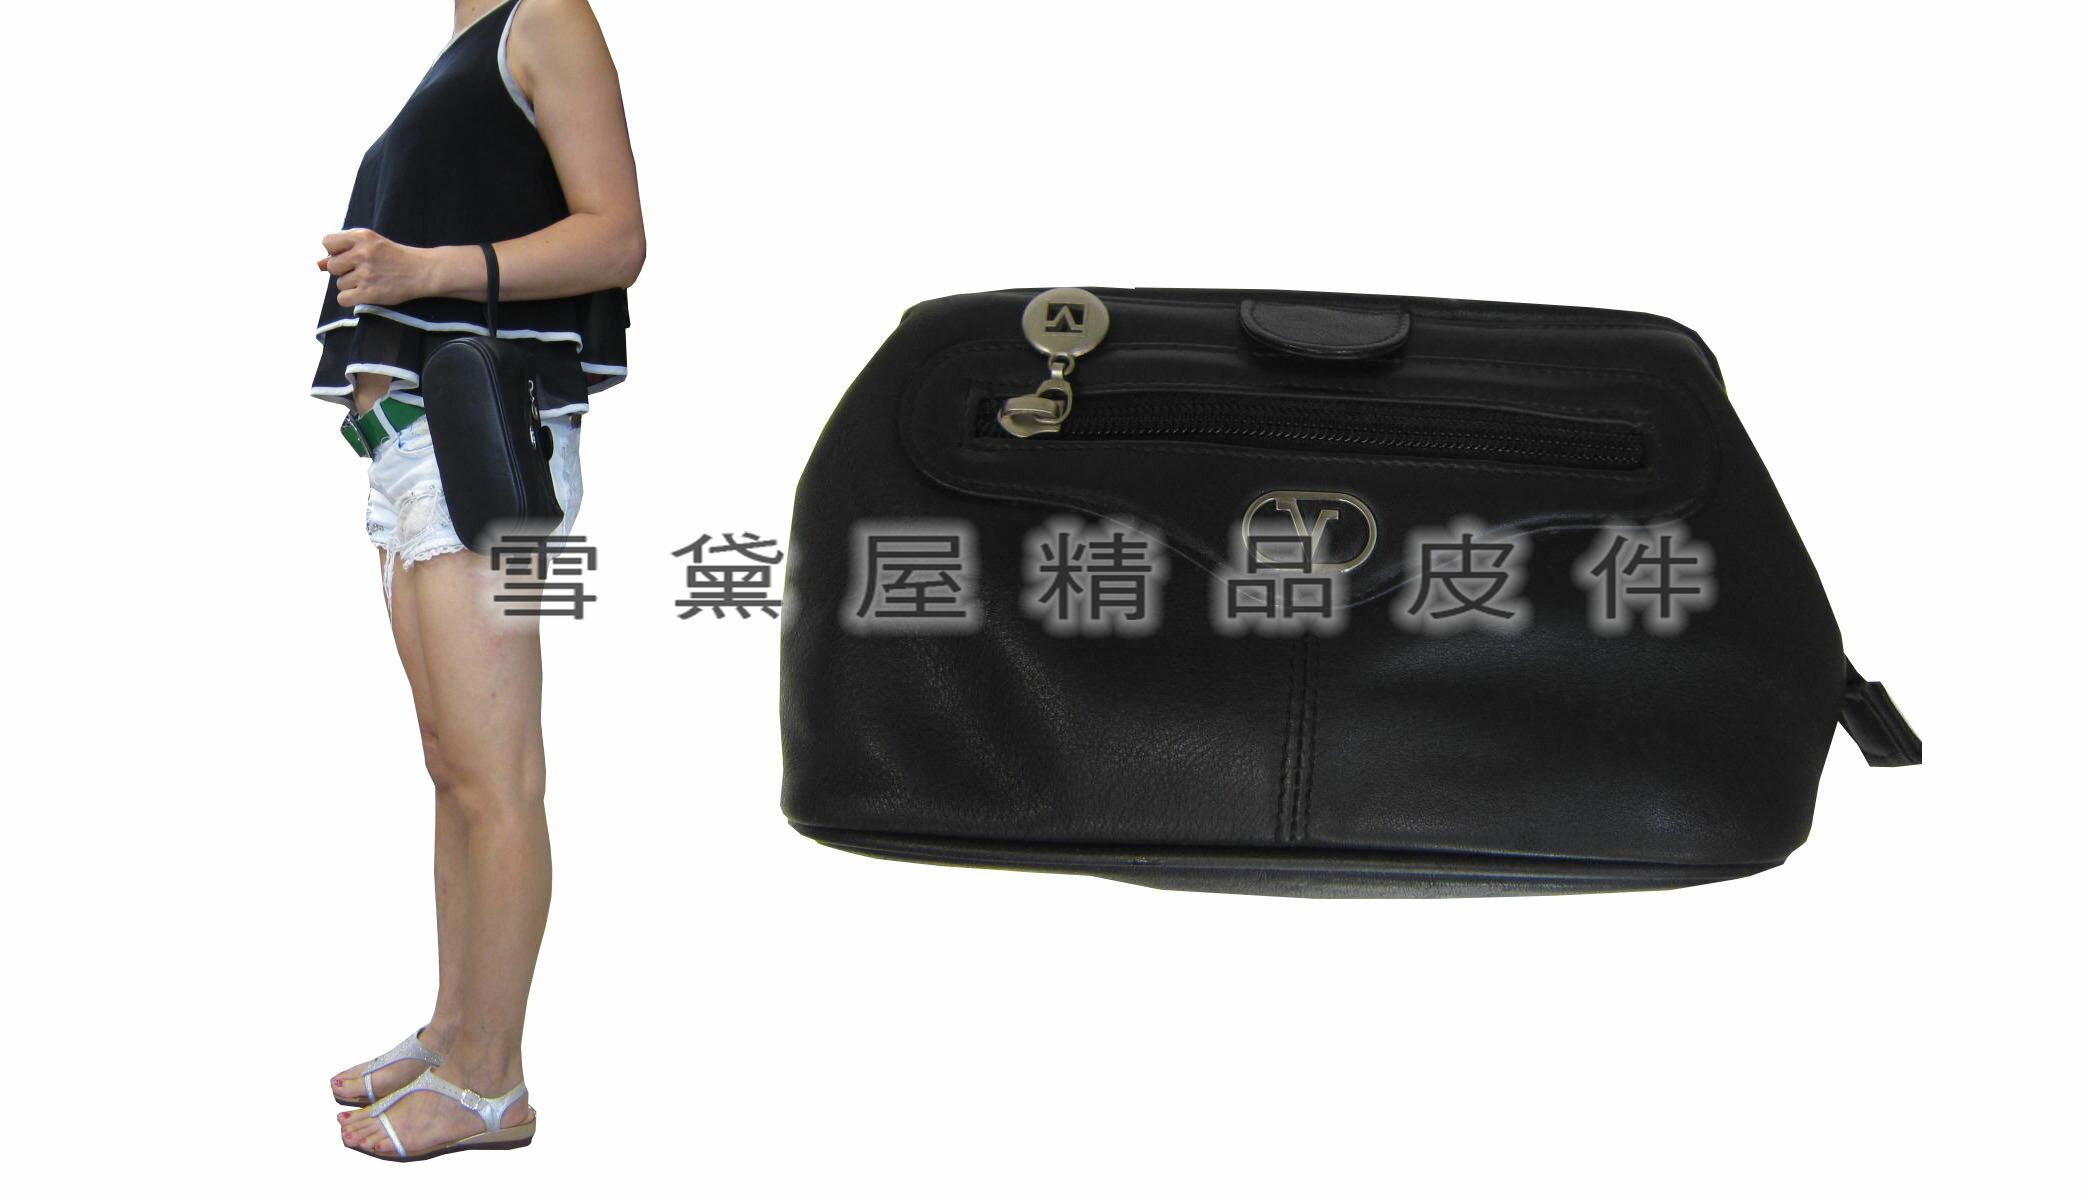 ~雪黛屋~Valentino 手拿包小容量框型拉鍊主袋正版分類袋手拿包100%進口牛皮革材質隨身物品男女適用V2096